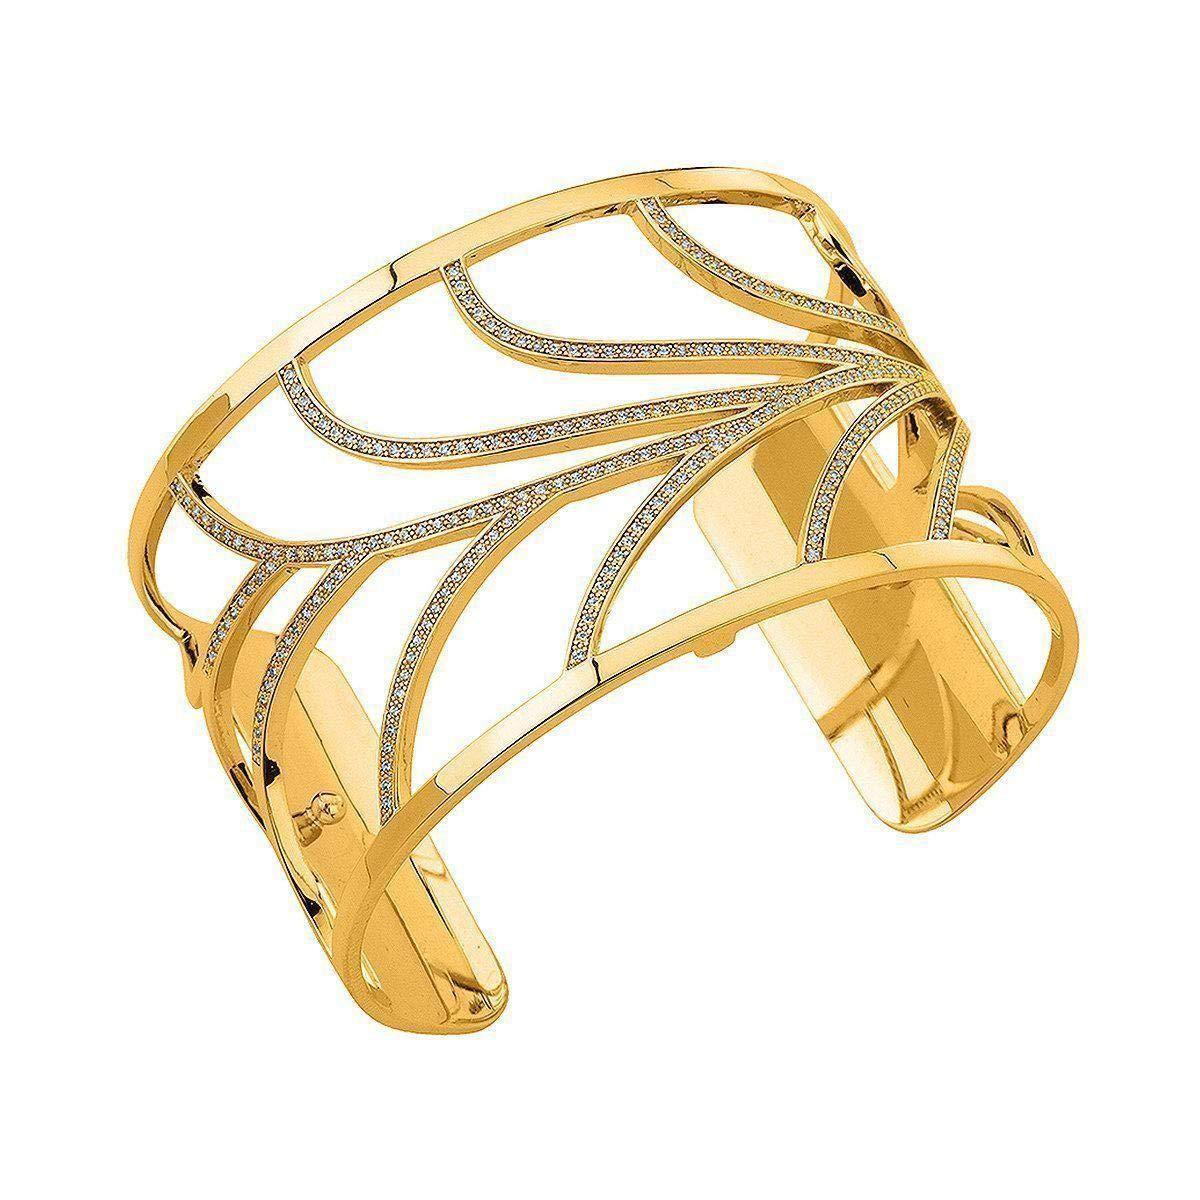 Les Georgette Courbe Precious 40mm Cuff in Gold